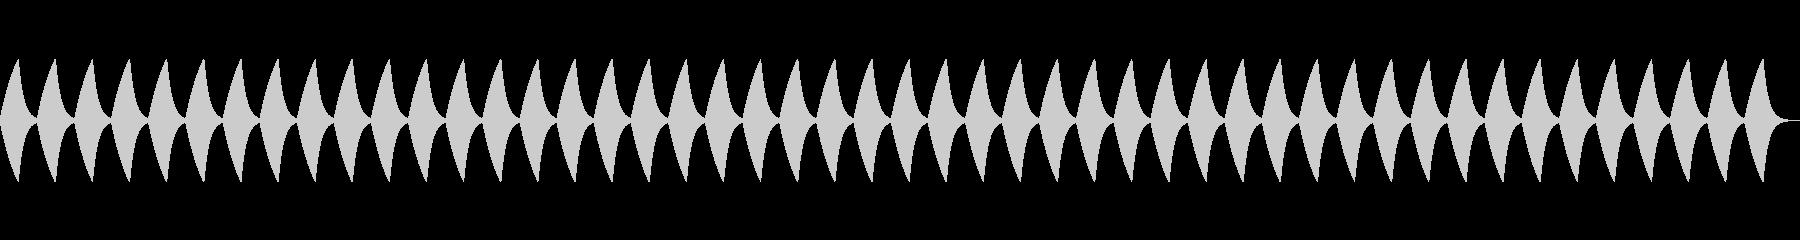 浮かんでる1の未再生の波形